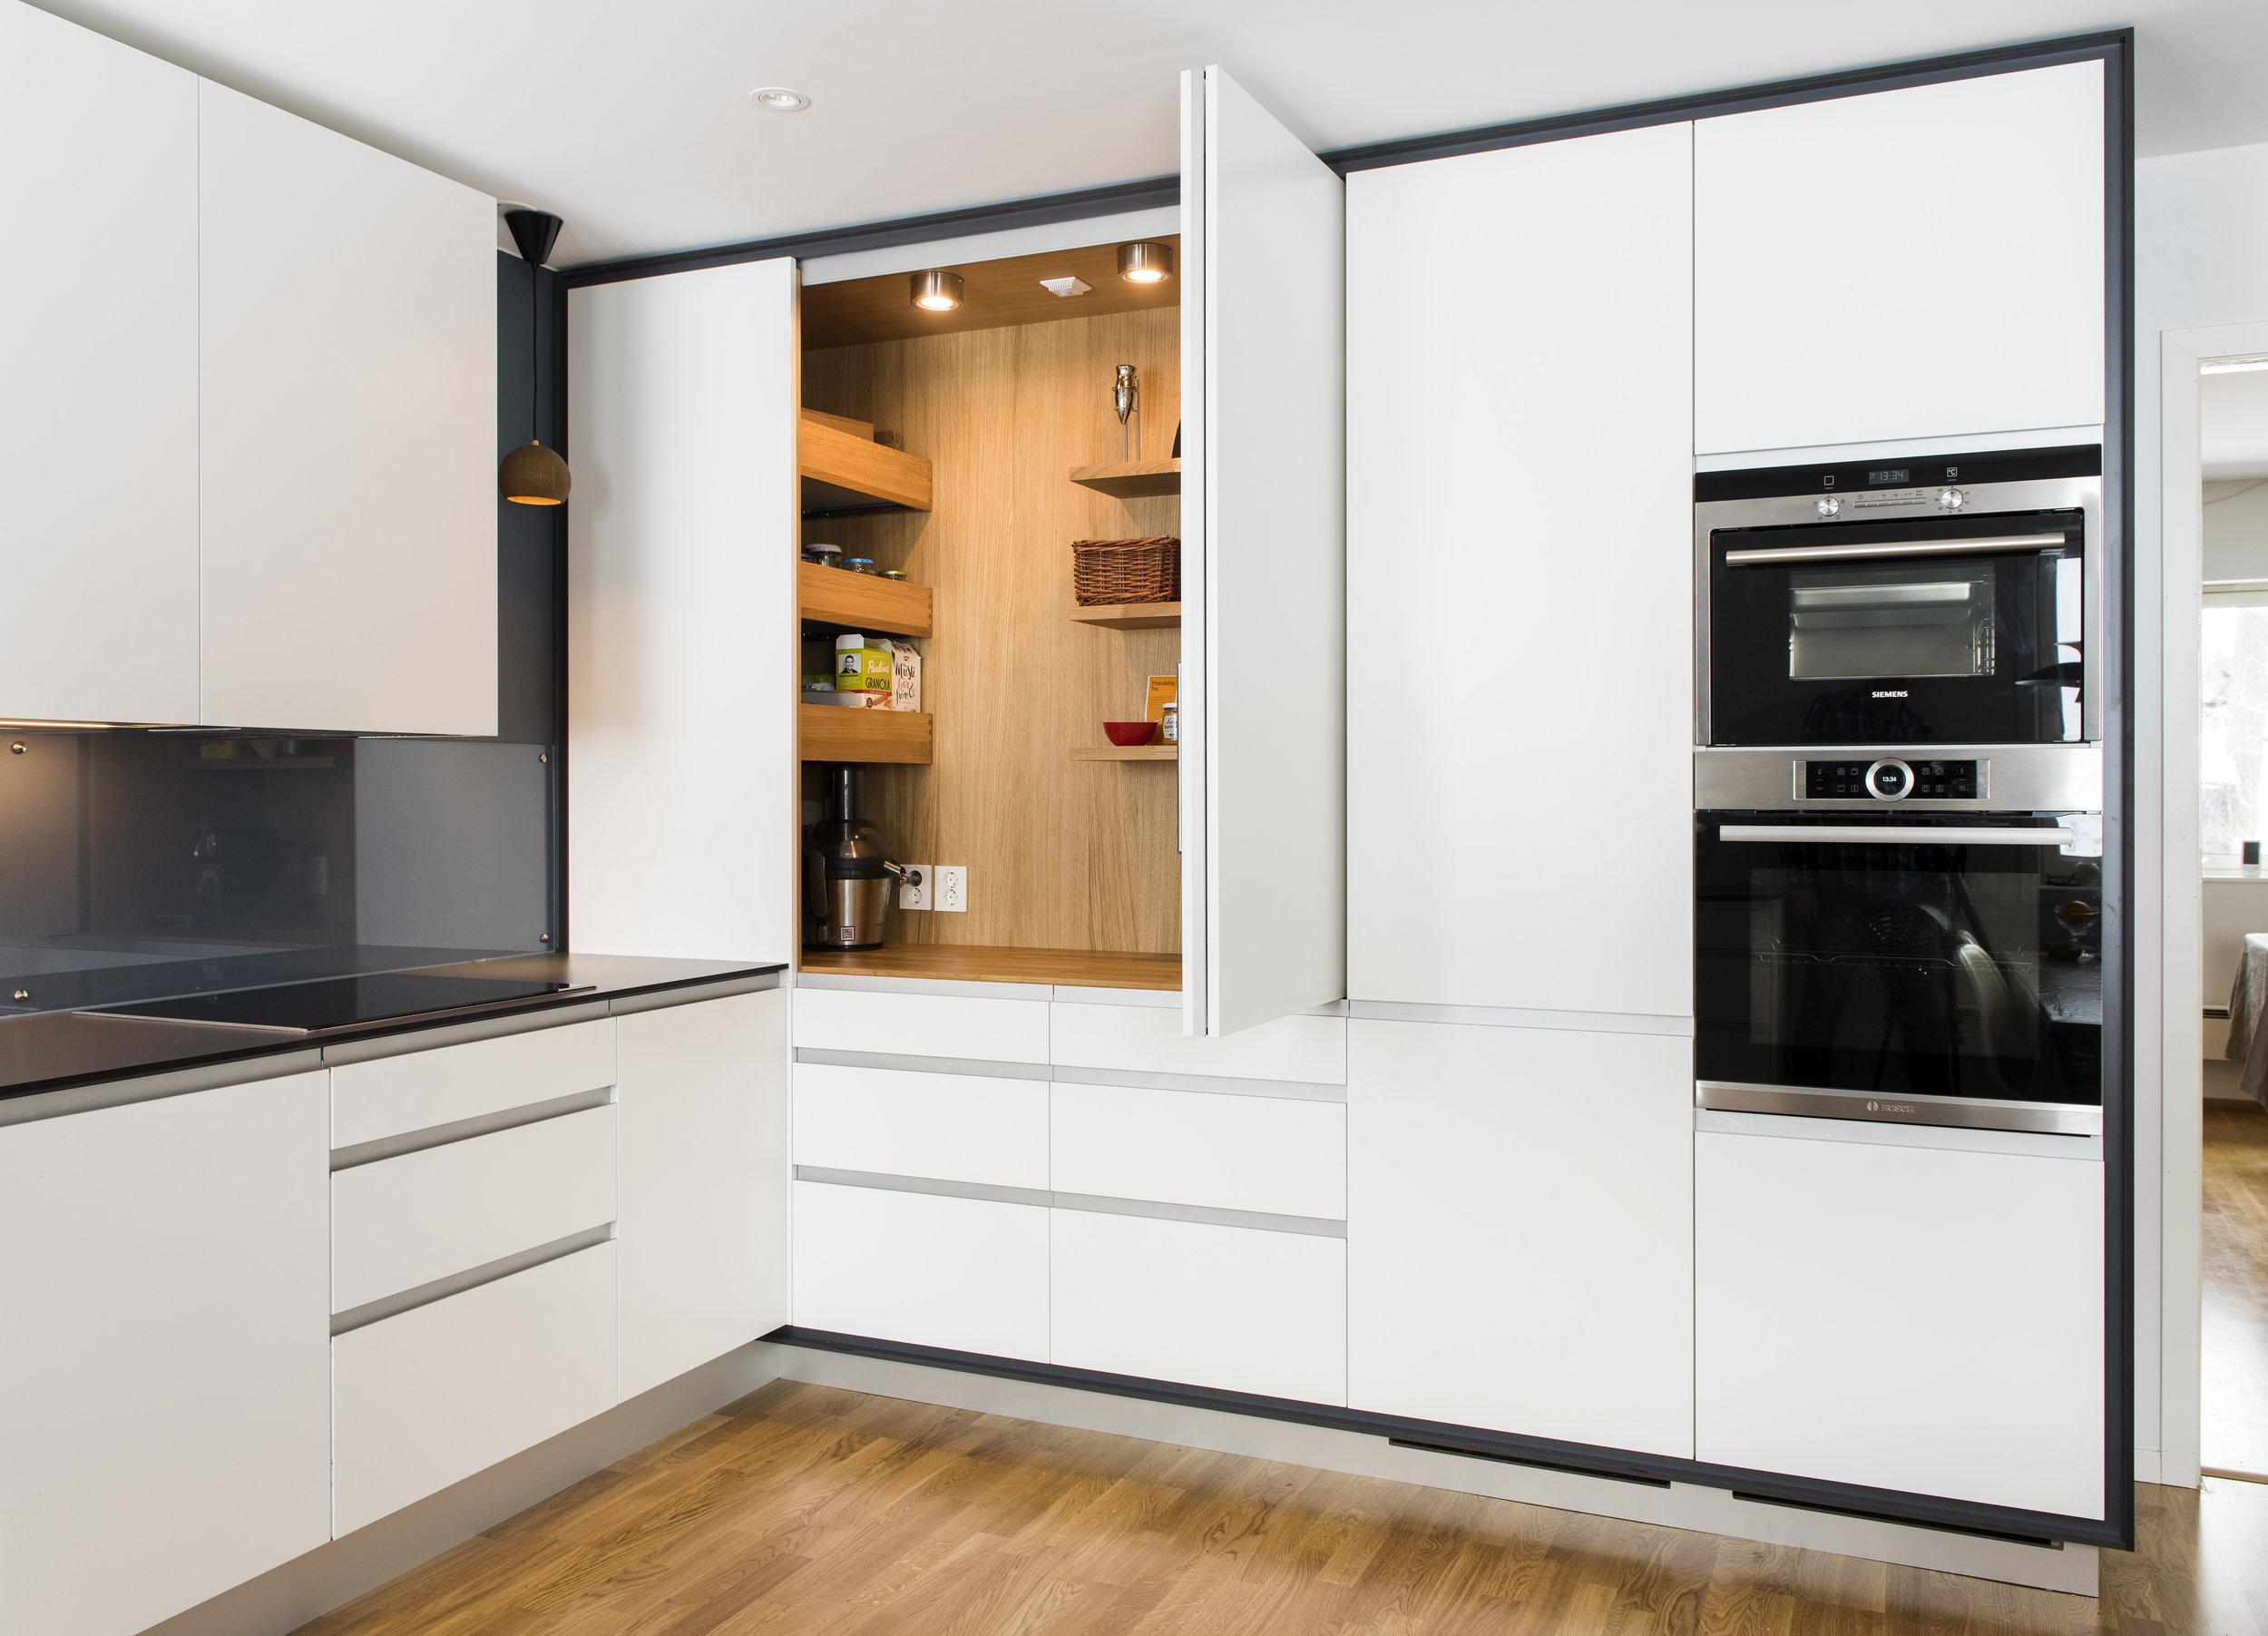 kjøkken-grovkjøkken-skreddersydd-interiør-design-09.jpg